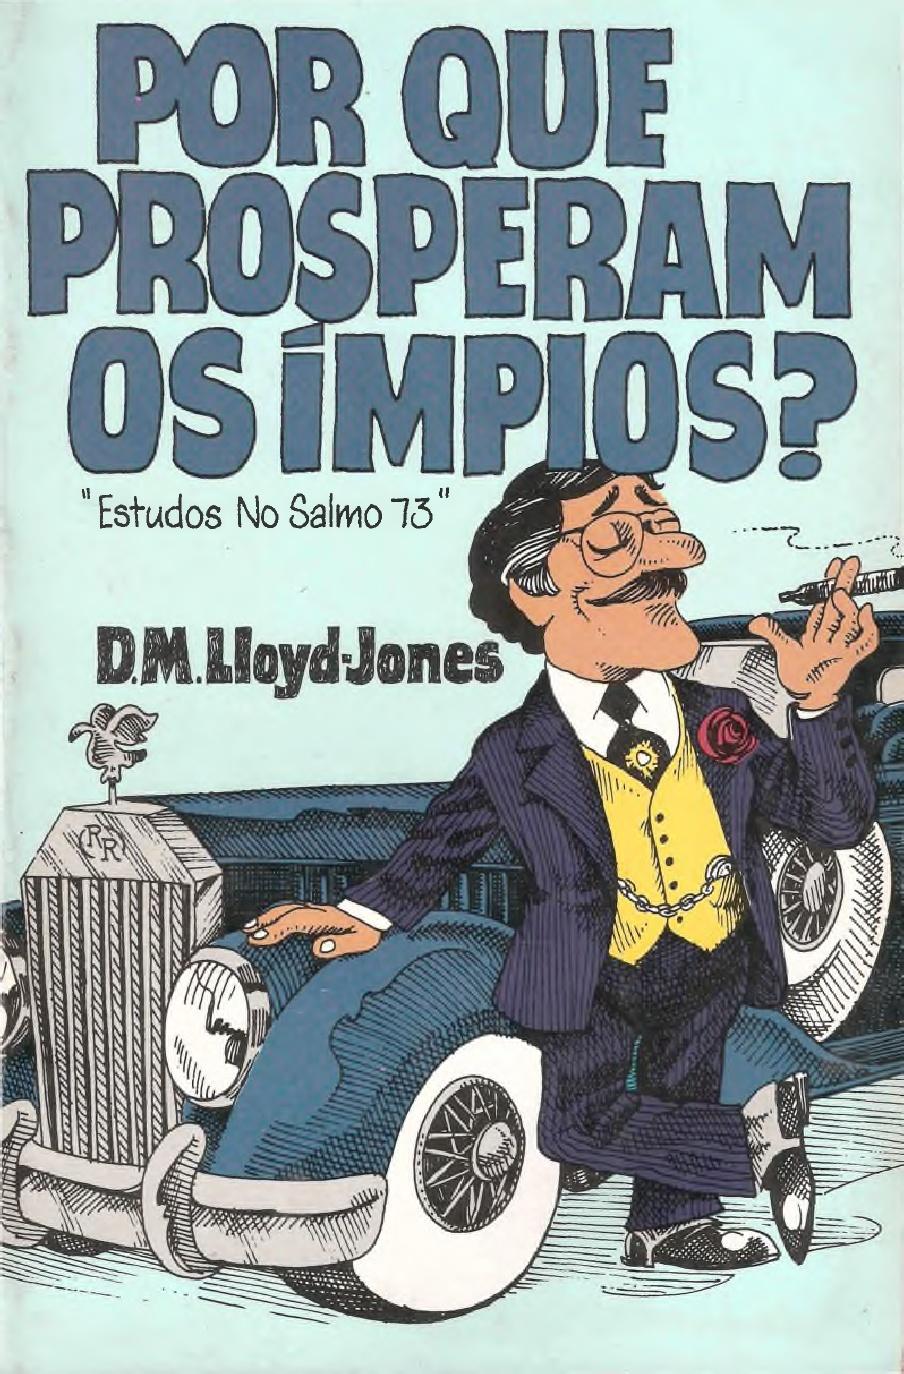 D. Martyn Lloyd-Jones-Porque Prosperam Os Ímpios?-